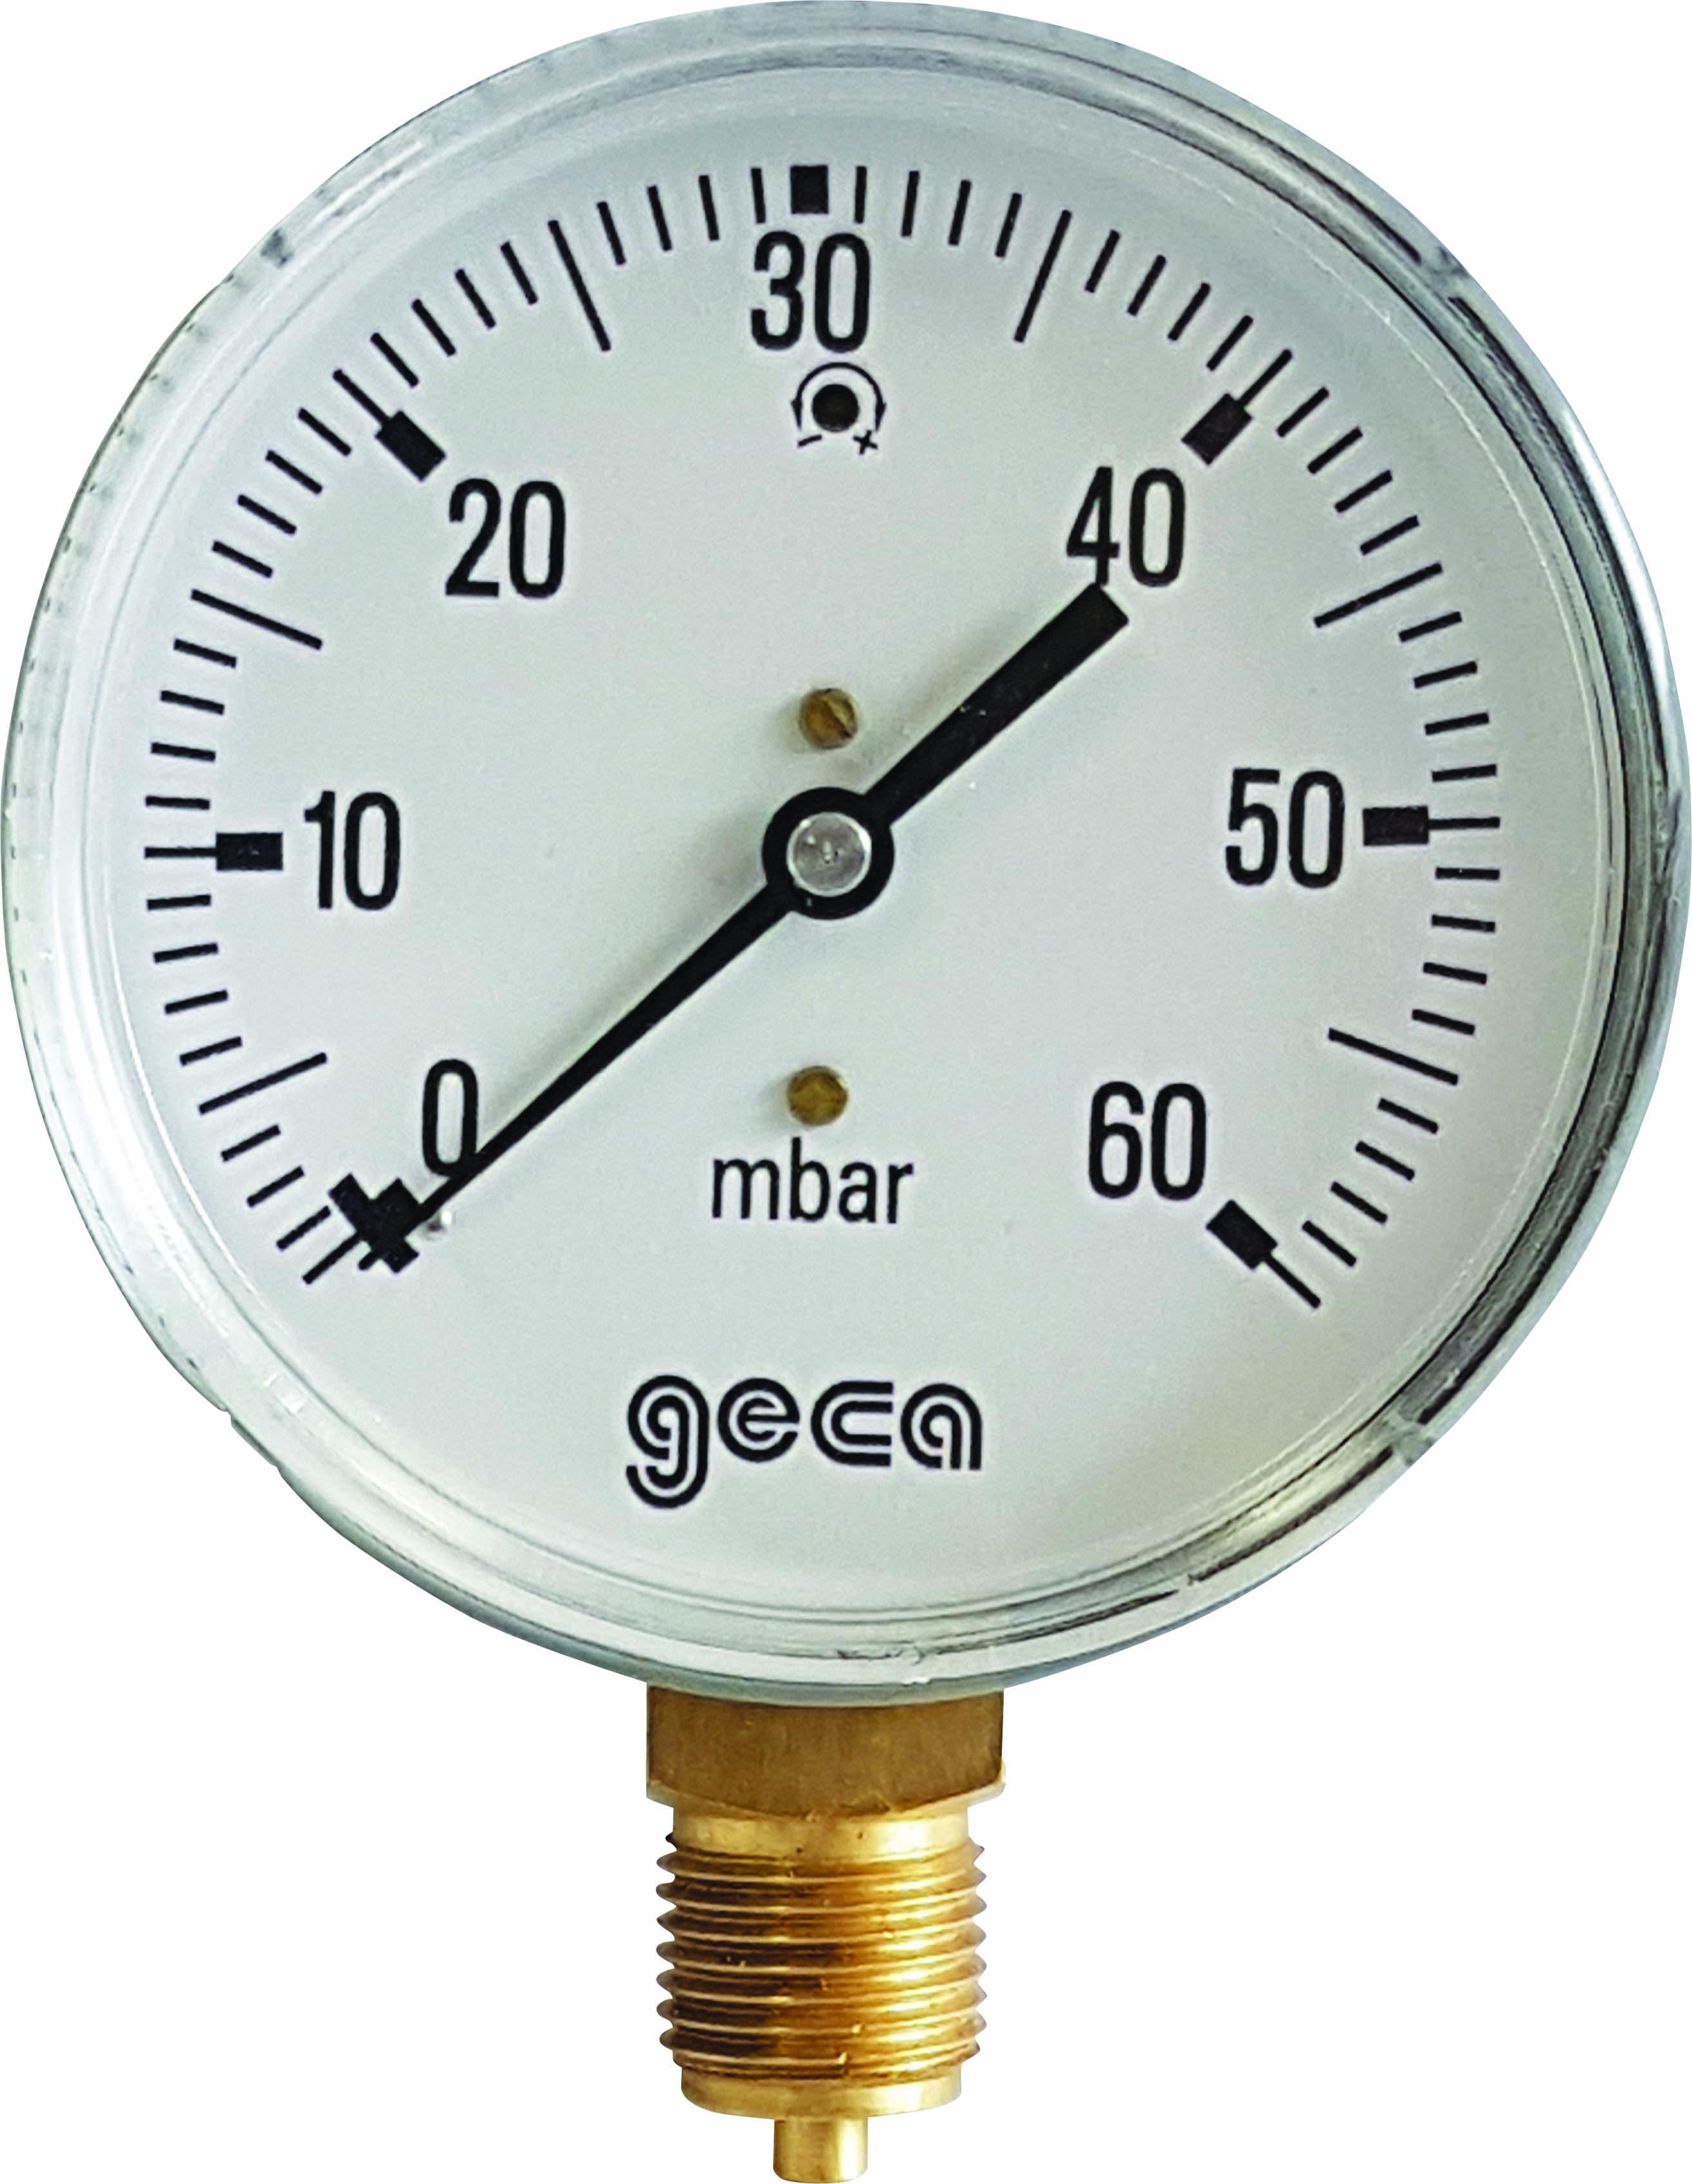 5 gauge (O)web